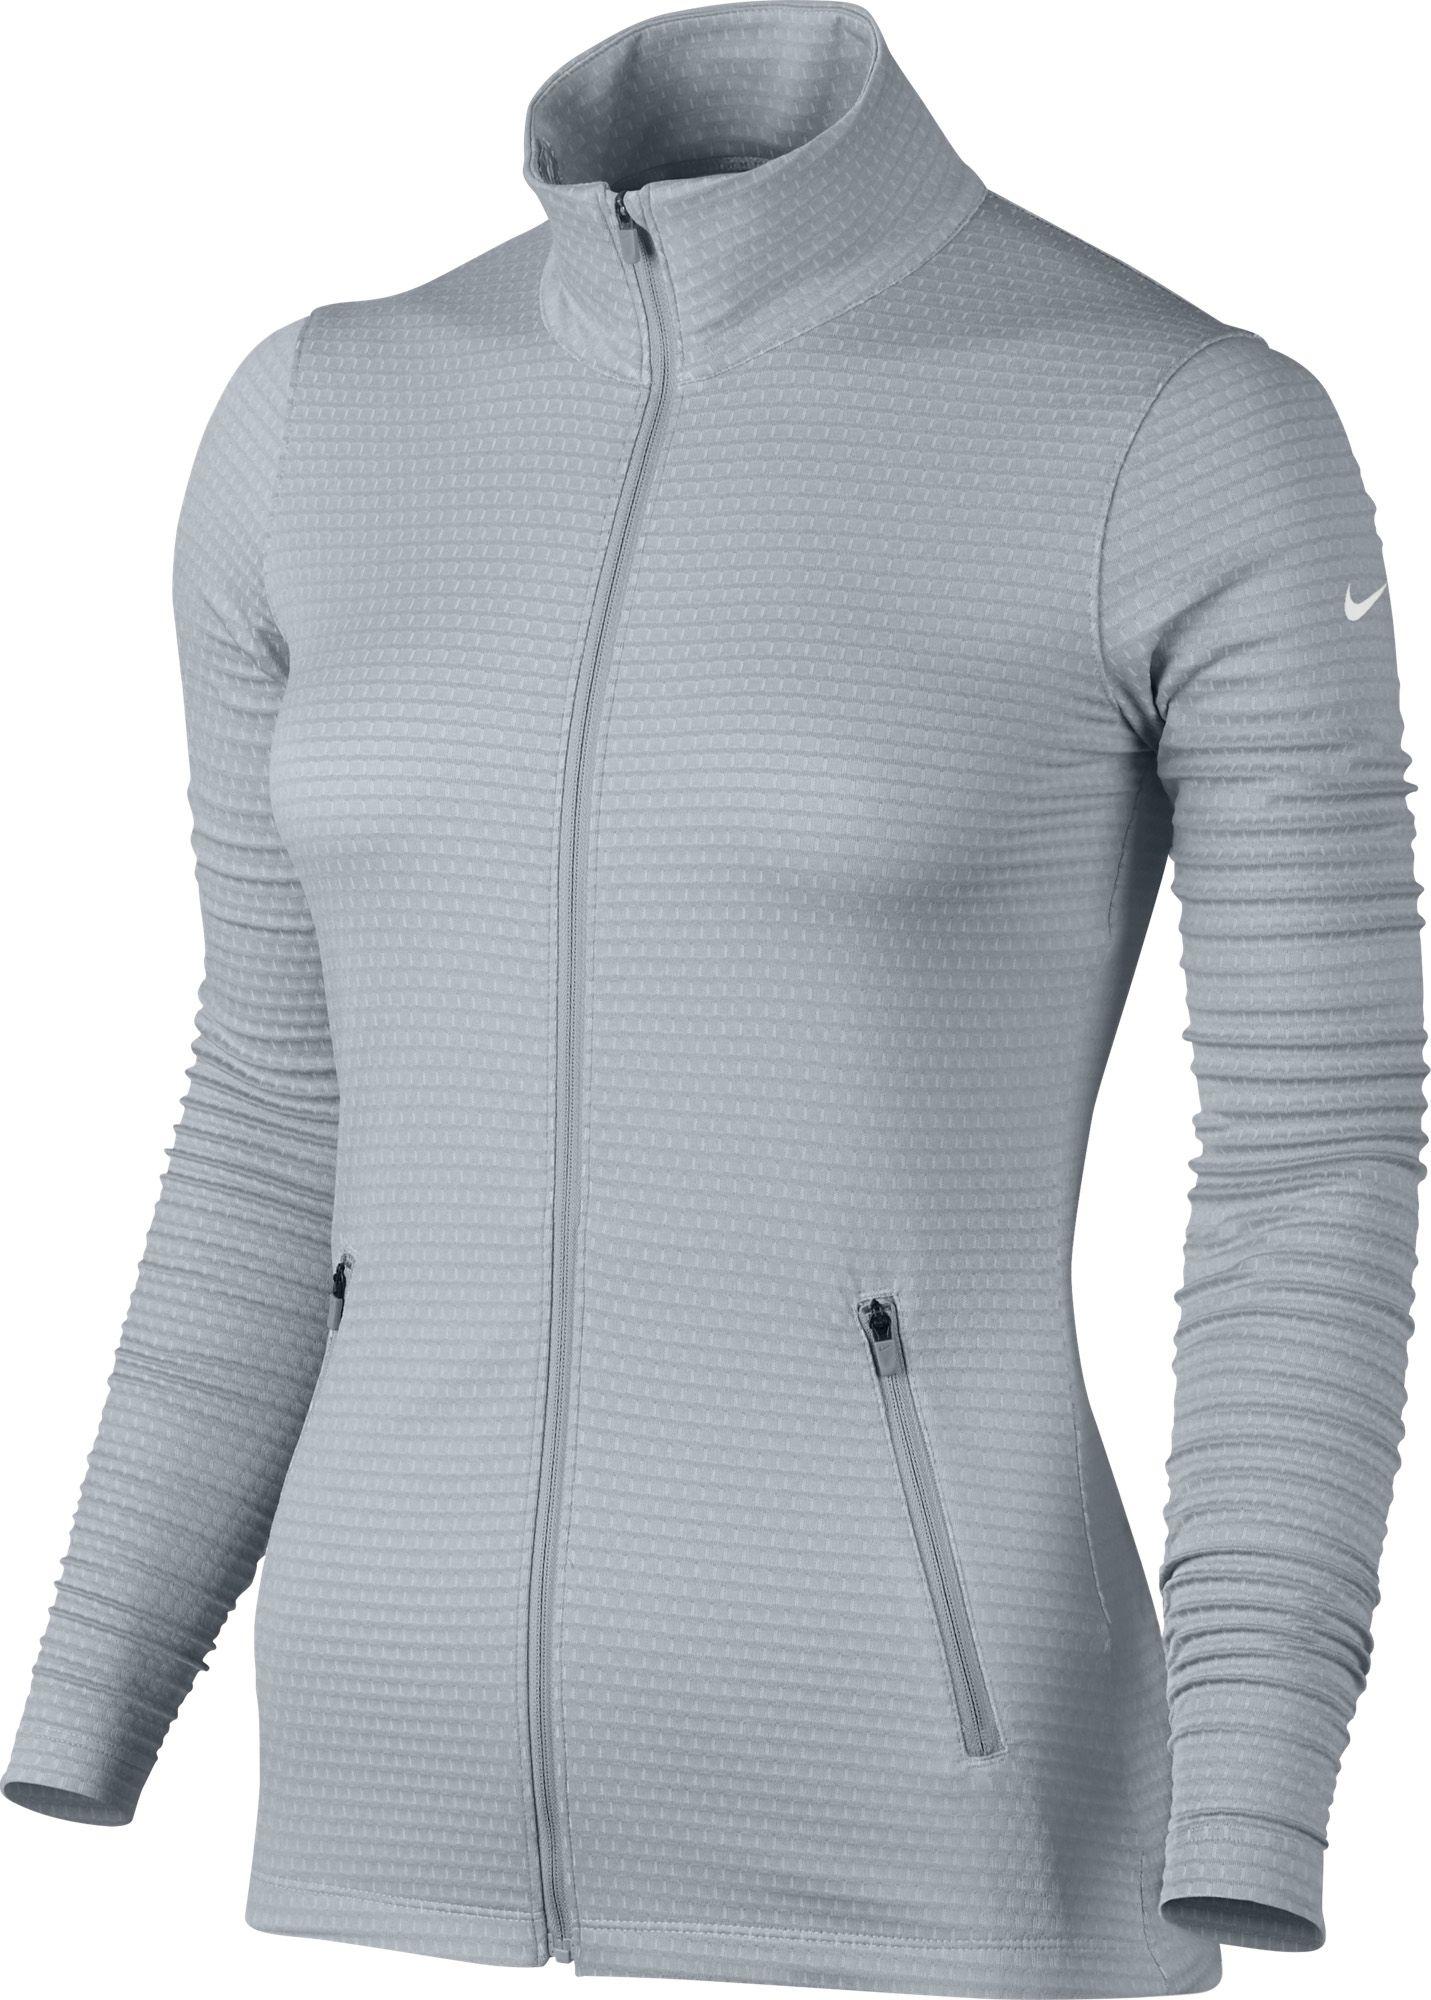 Nike epic jacket - Product Image Nike Women S Lucky Azalea Full Zip Golf Jacket